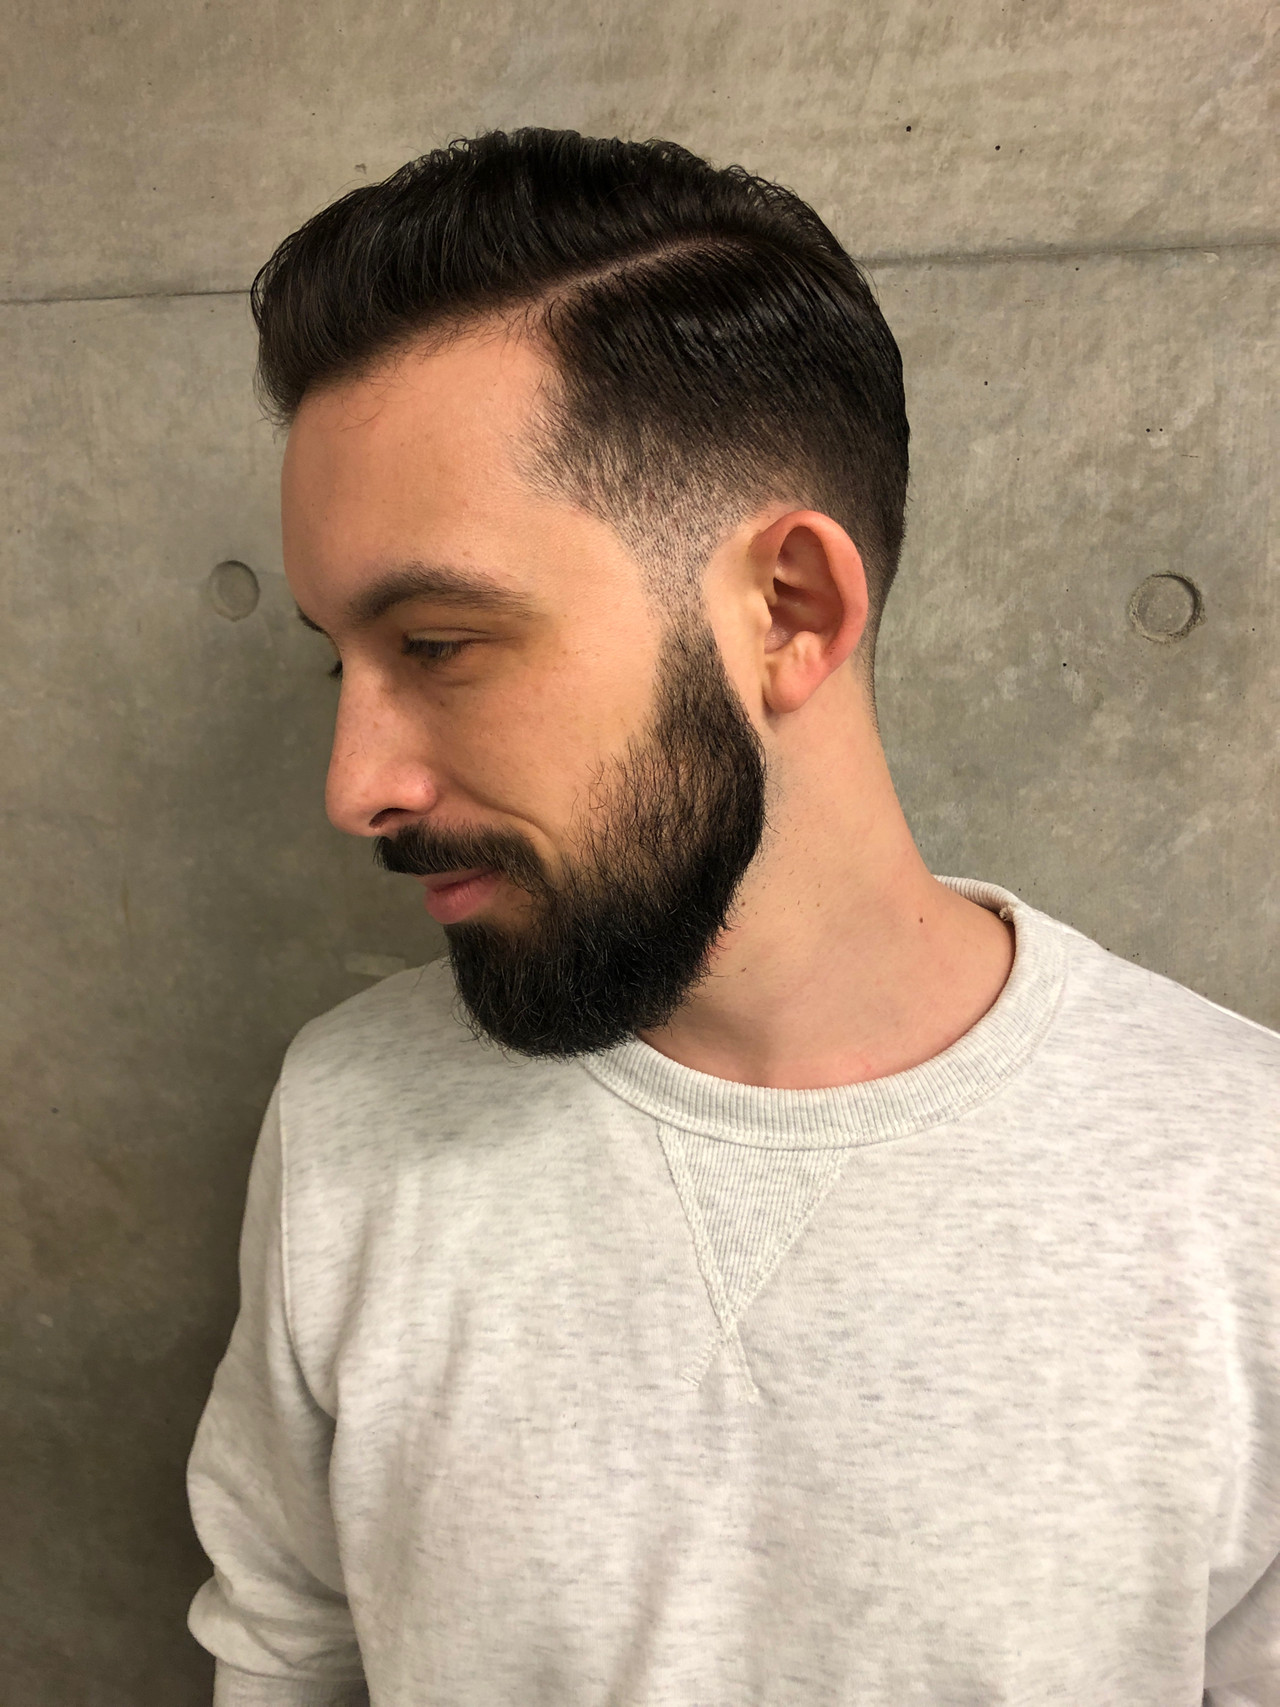 メンズカット ツーブロック 刈り上げ ストリート ヘアスタイルや髪型の写真・画像 | 杉山良平 / assort(アソート)